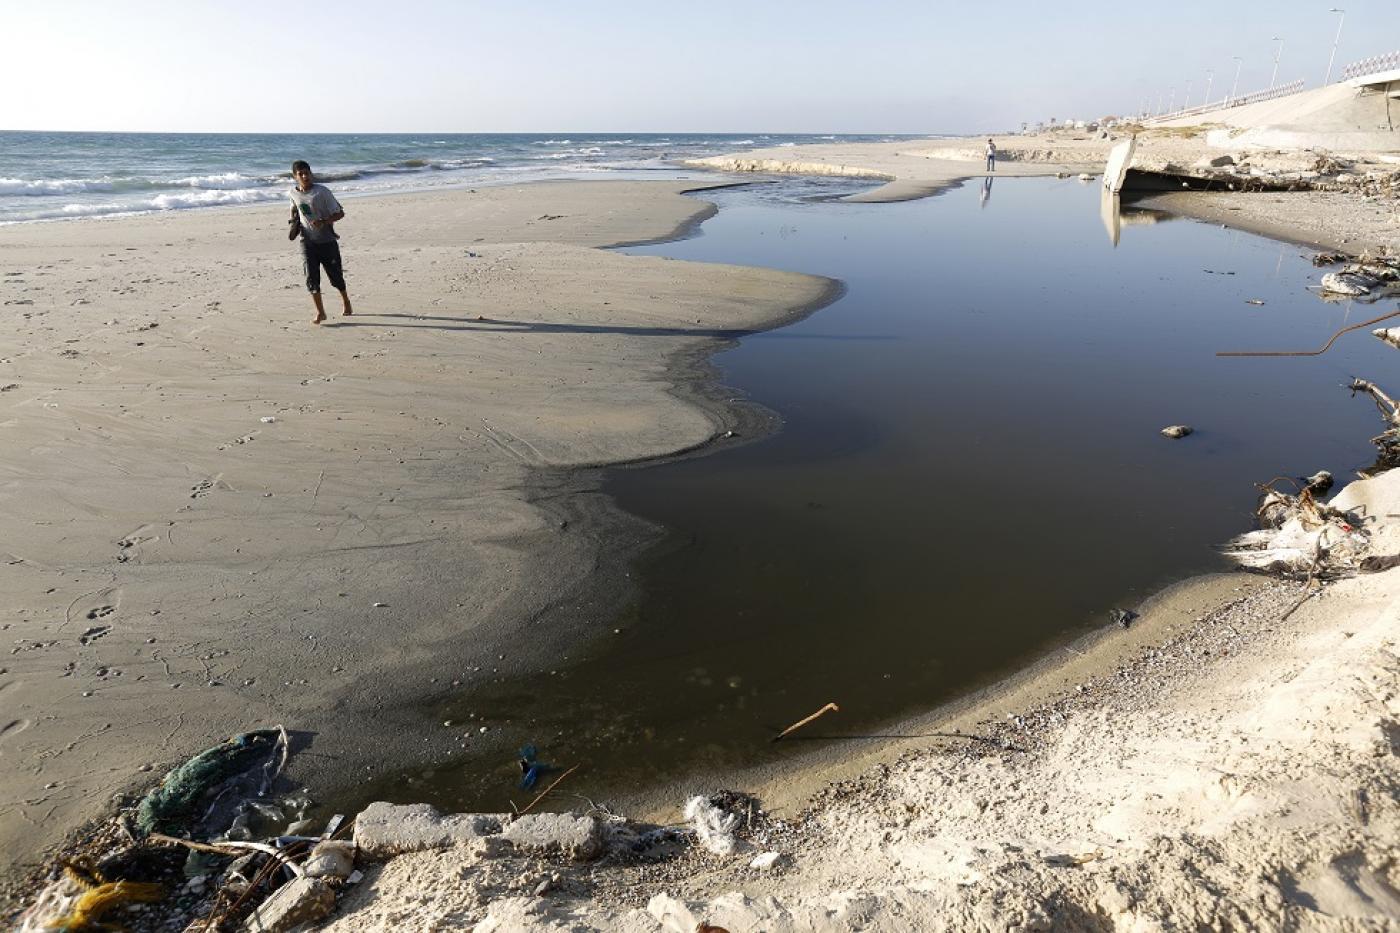 Un Palestinien passe devant des eaux usées déversées dans la mer sur une plage à proximité de Gaza (AFP)